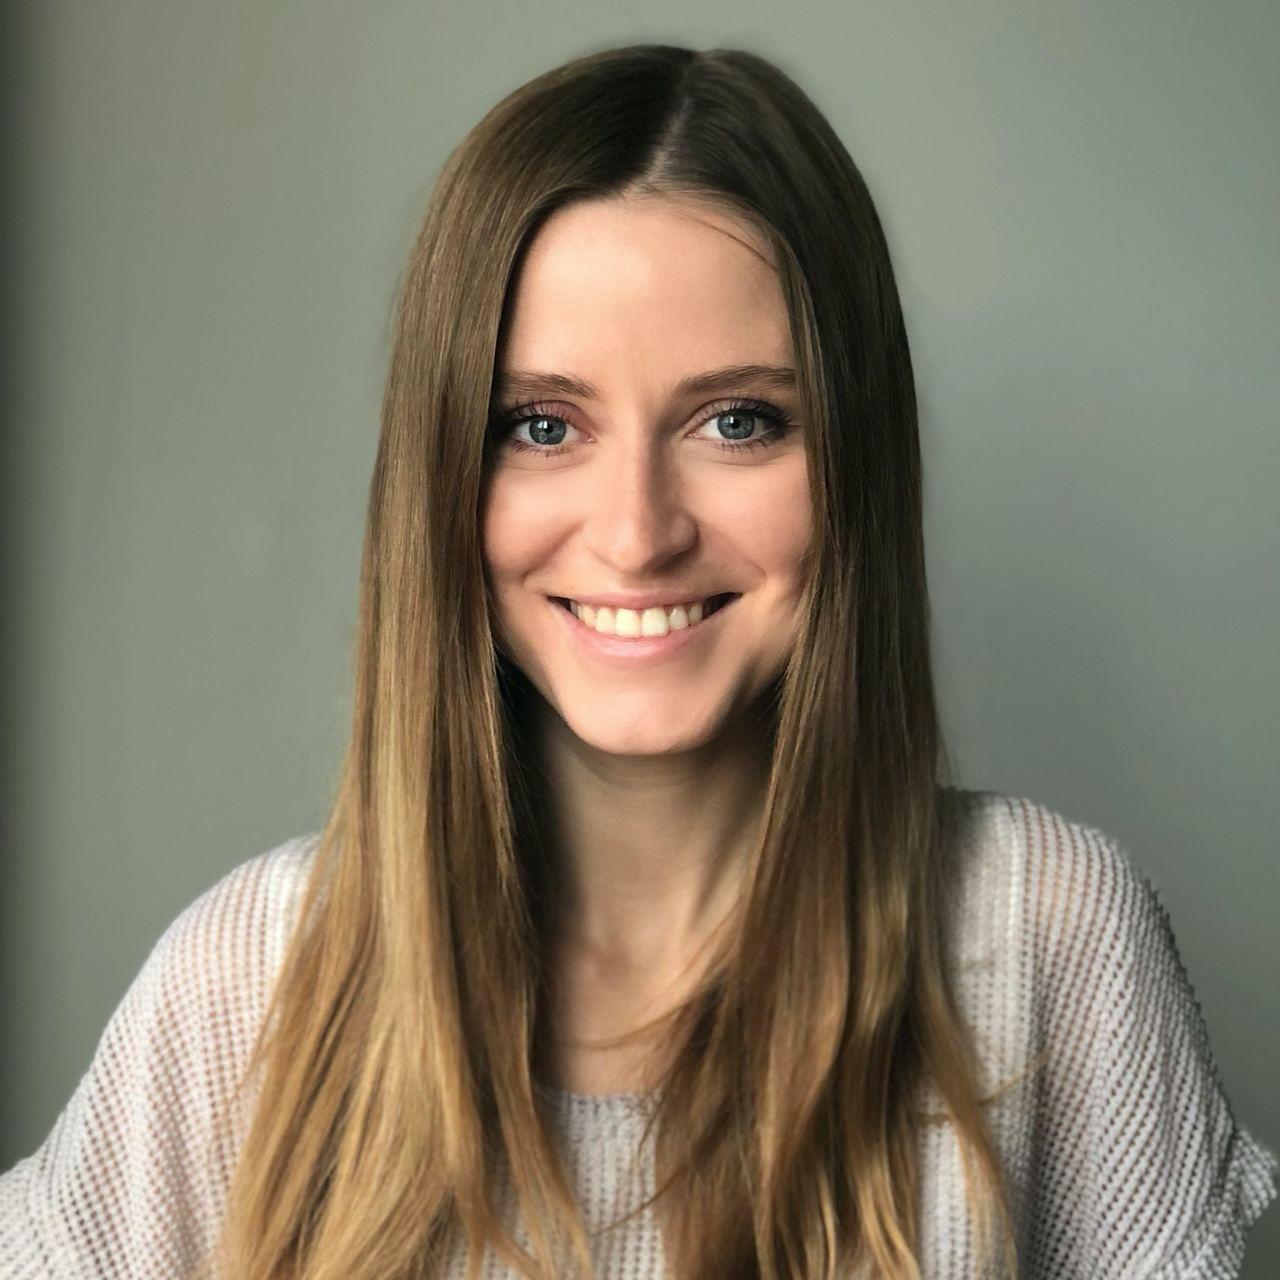 Anna Kopteva iandroid.eu profile picture